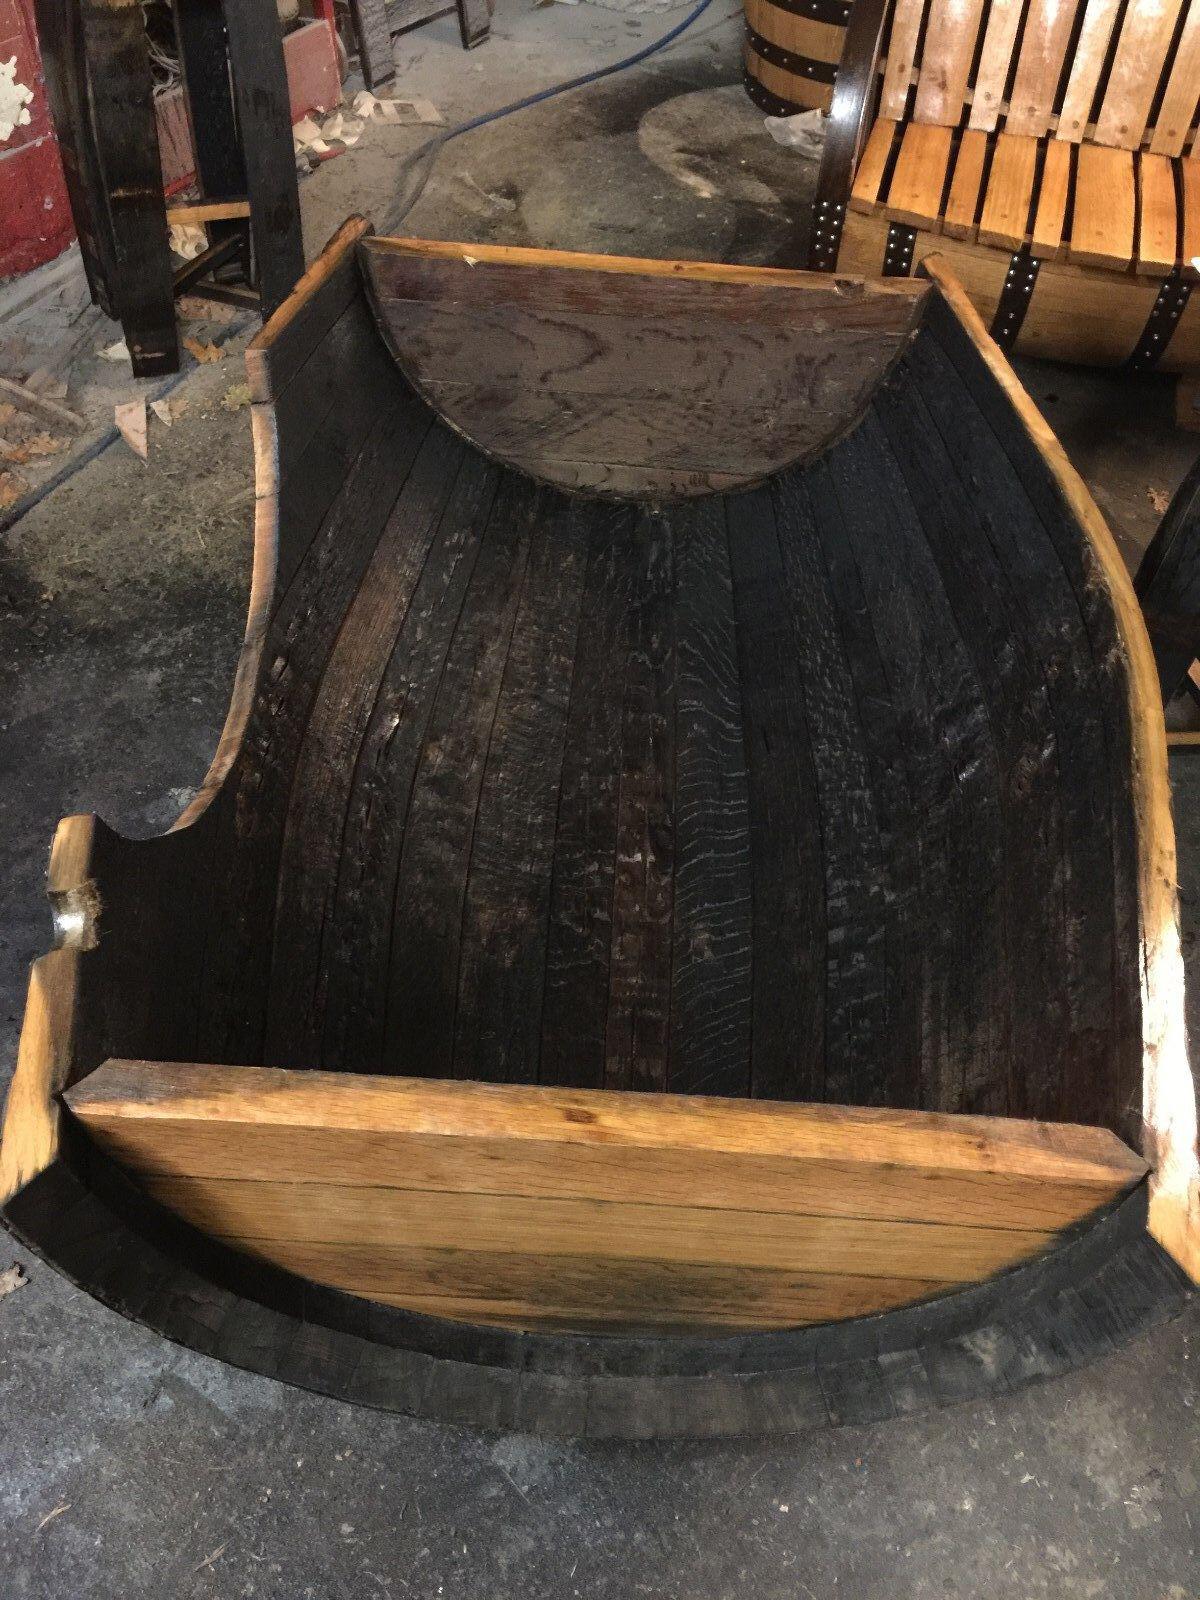 Letto Letto Letto per Cane Riciclato in Legno Quercia Massiccio Whisky Barile Lusso XXL 15948e